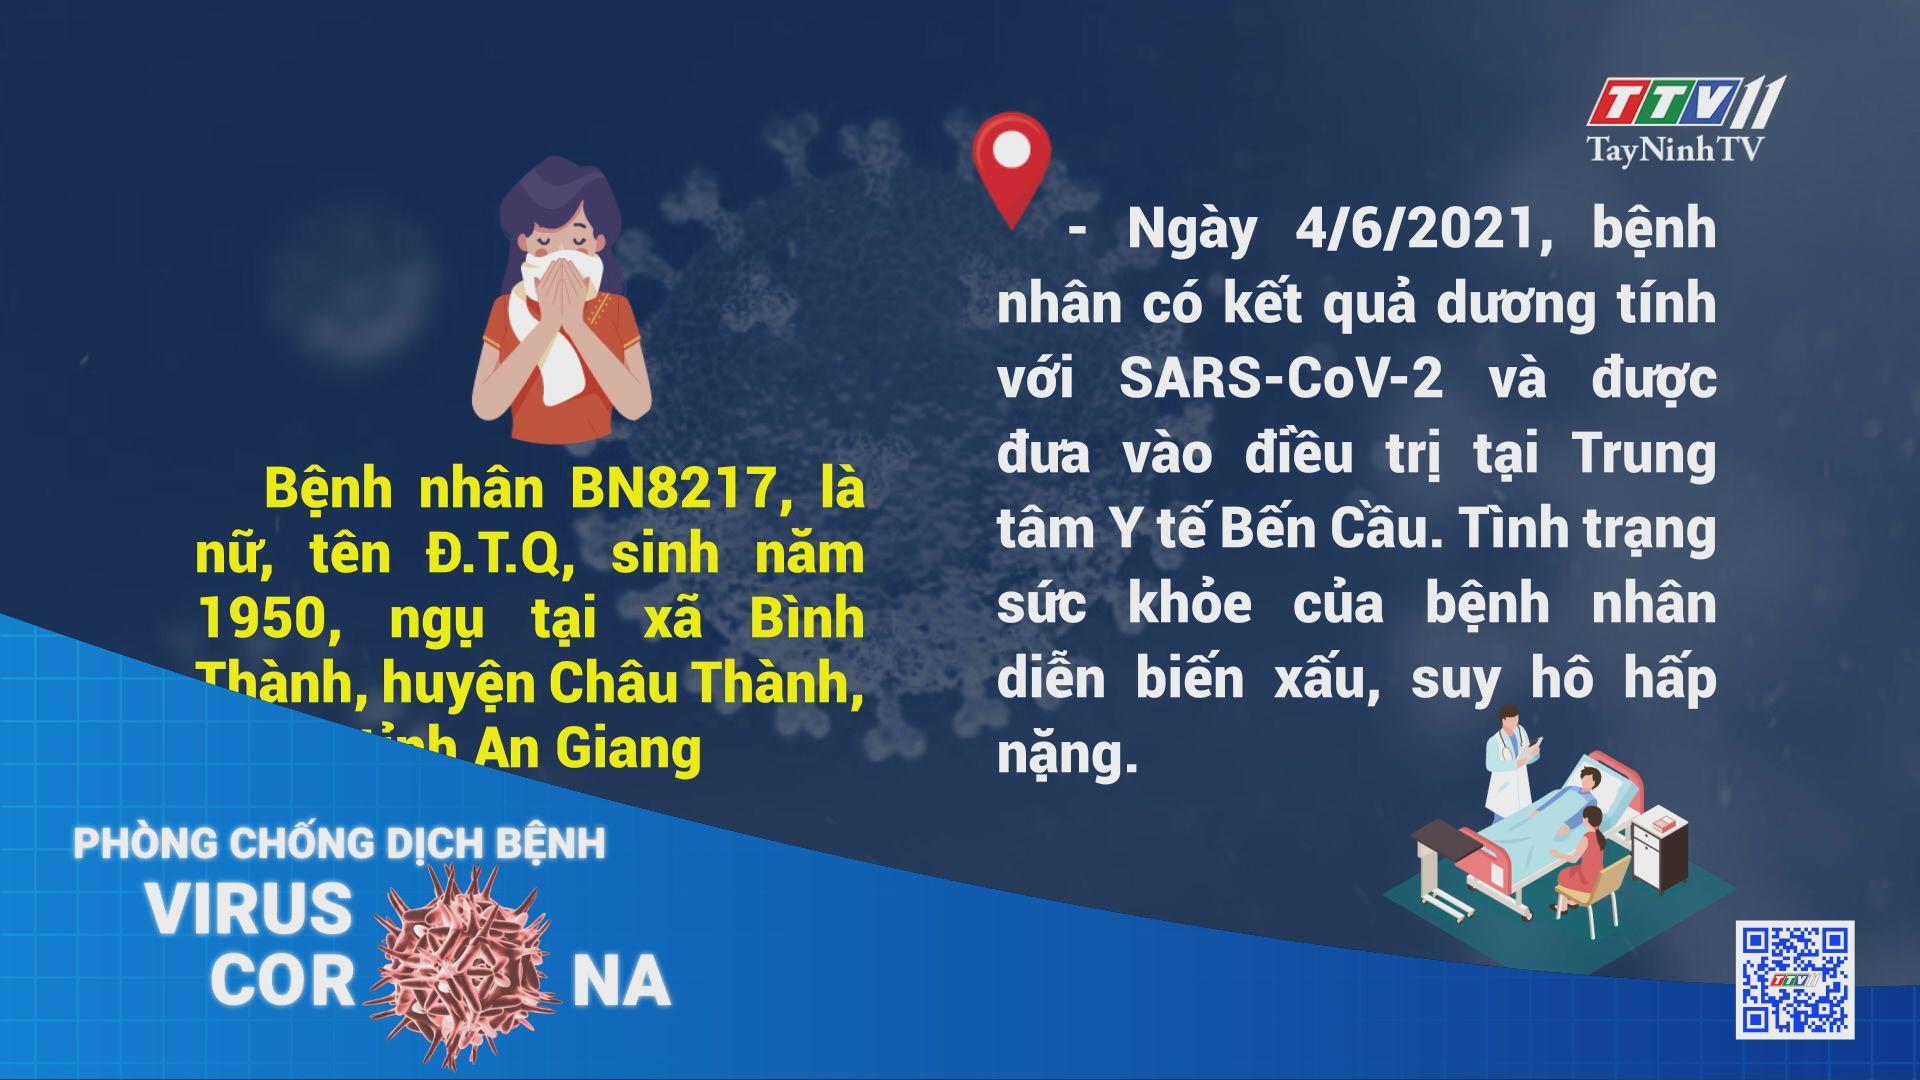 Tây Ninh ghi nhận trường hợp tử vong đầu tiên do Covid-19 | Thông tin dịch cúm Covid-19 | TâyNinhTV